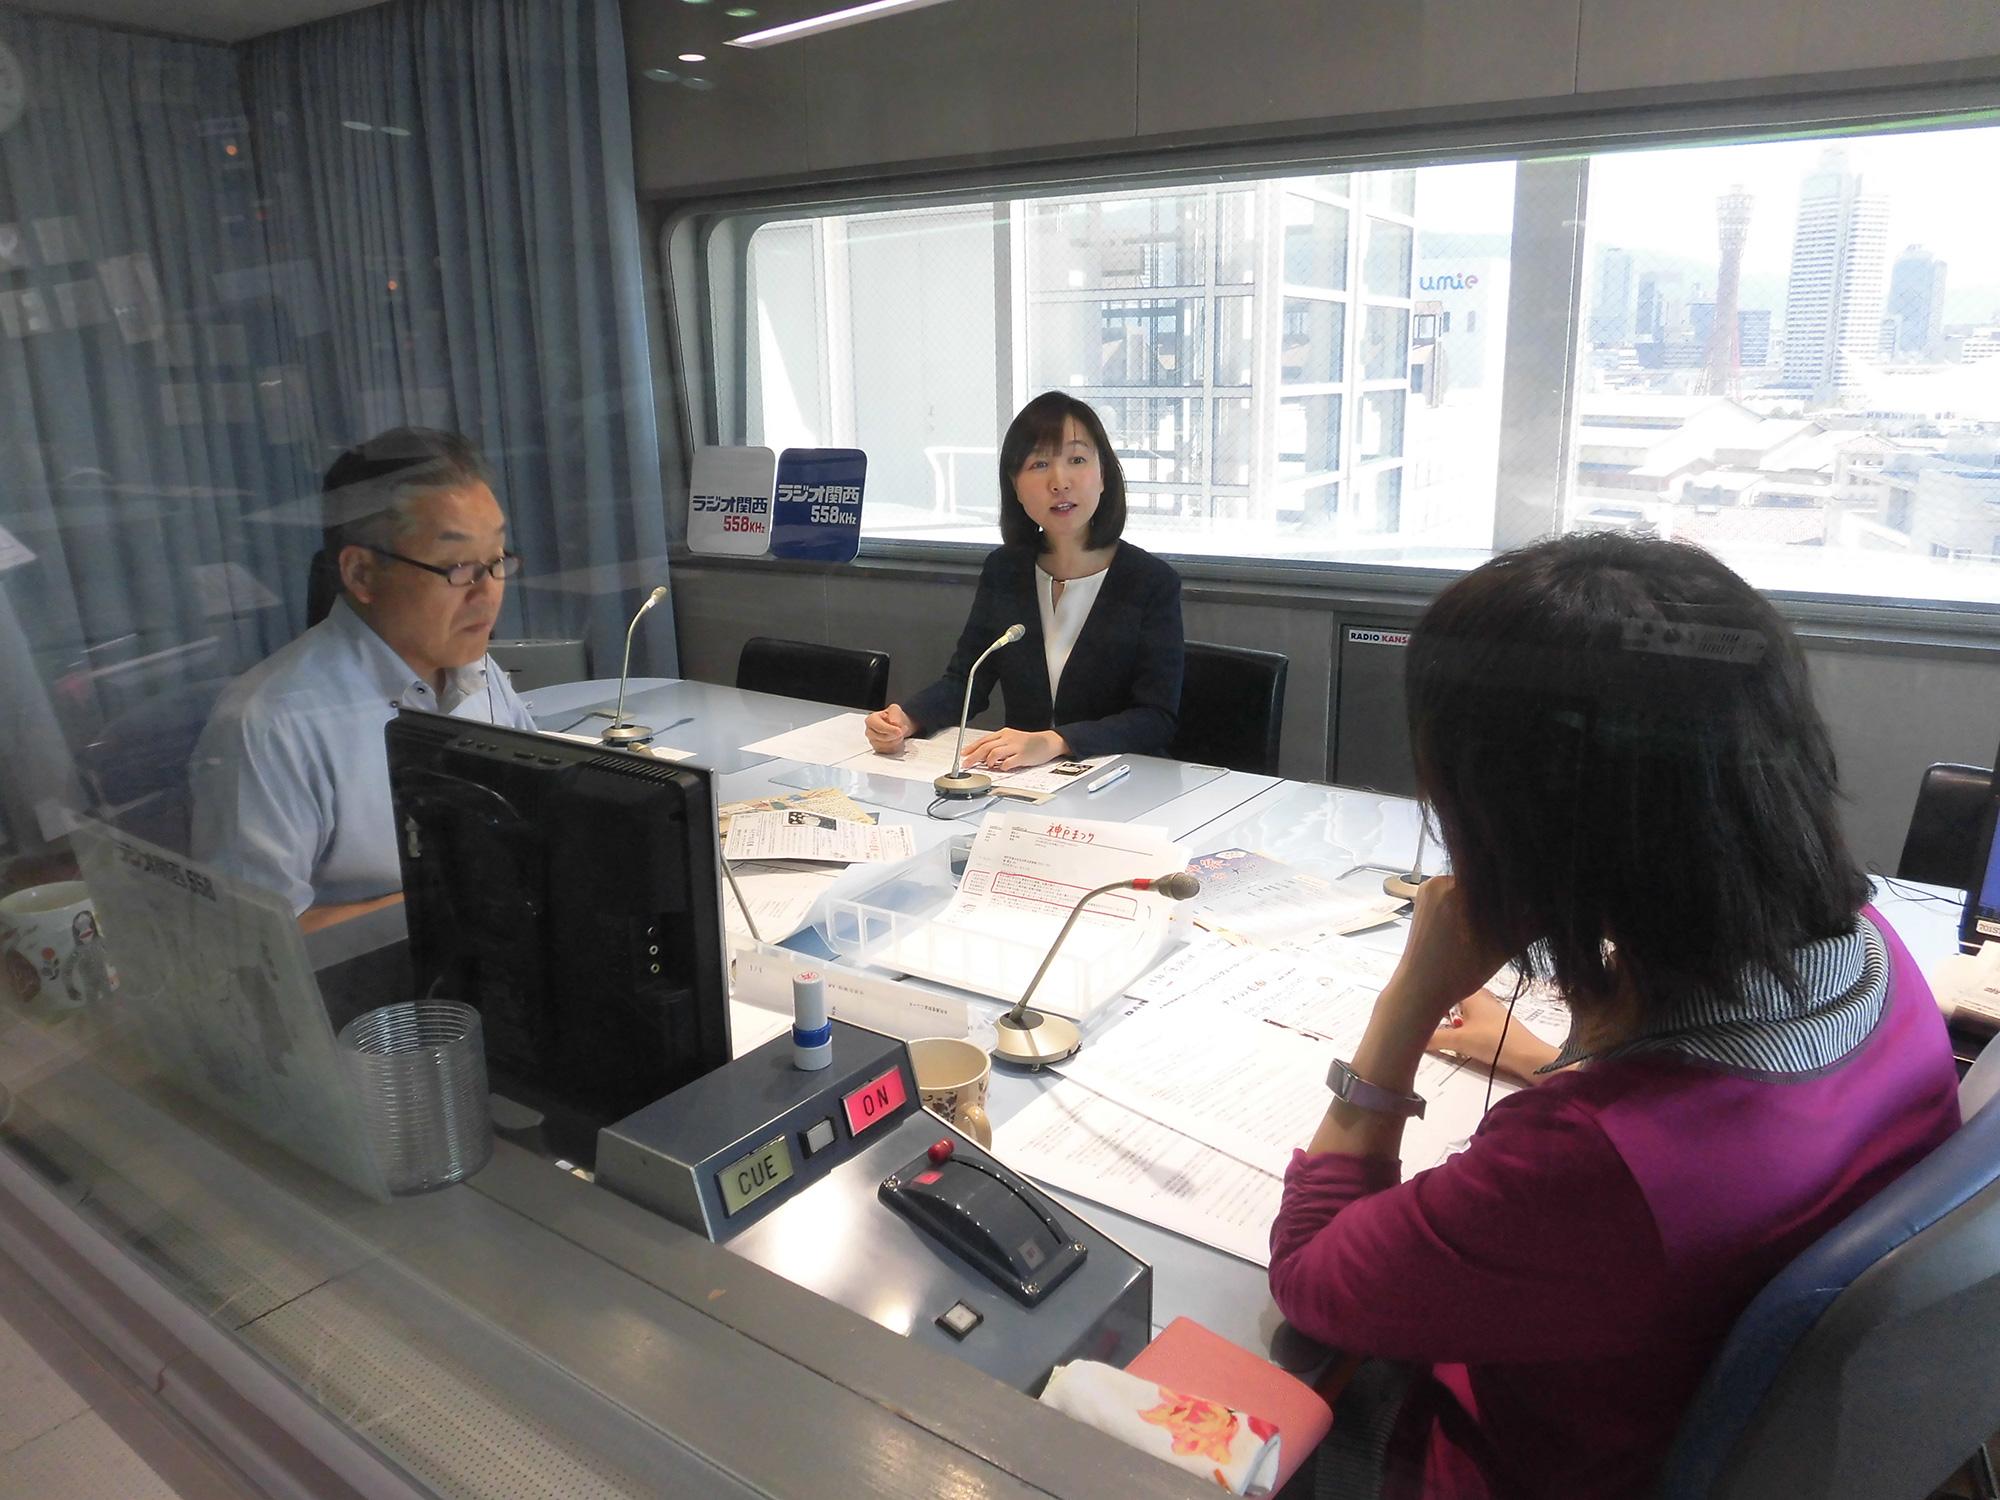 2018年5月 ラジオ関西の「三上公也の情報アサイチ!」に出演させていただいてきました